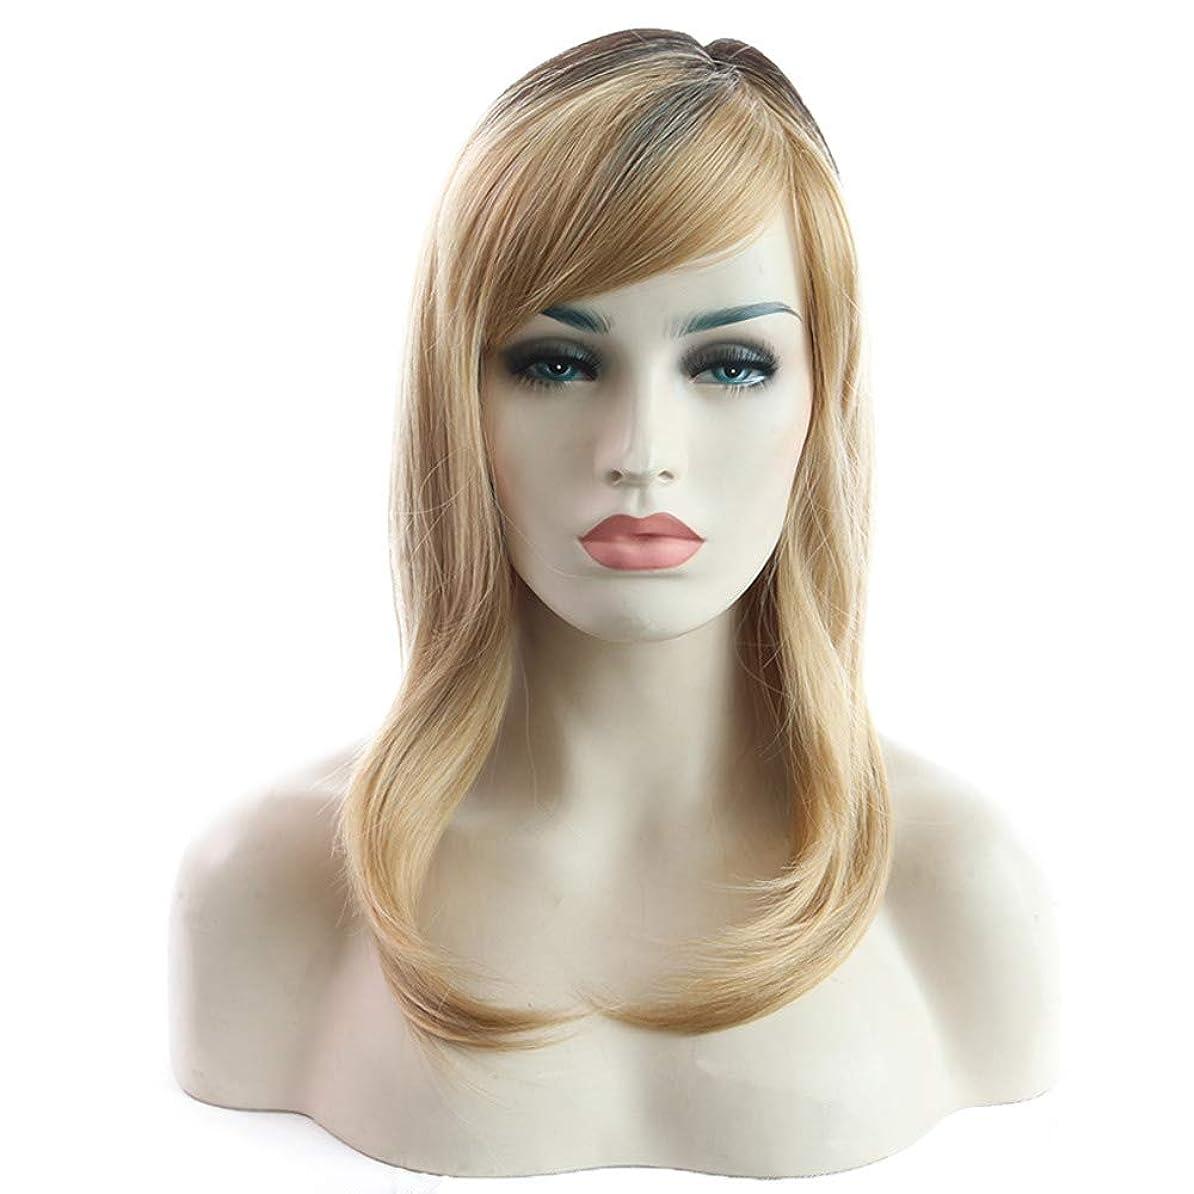 お願いします福祉冗談で女性かつらファッション耐熱合成ブラジルの魅力的なゴールドの髪フルショートボブかつら36 cm